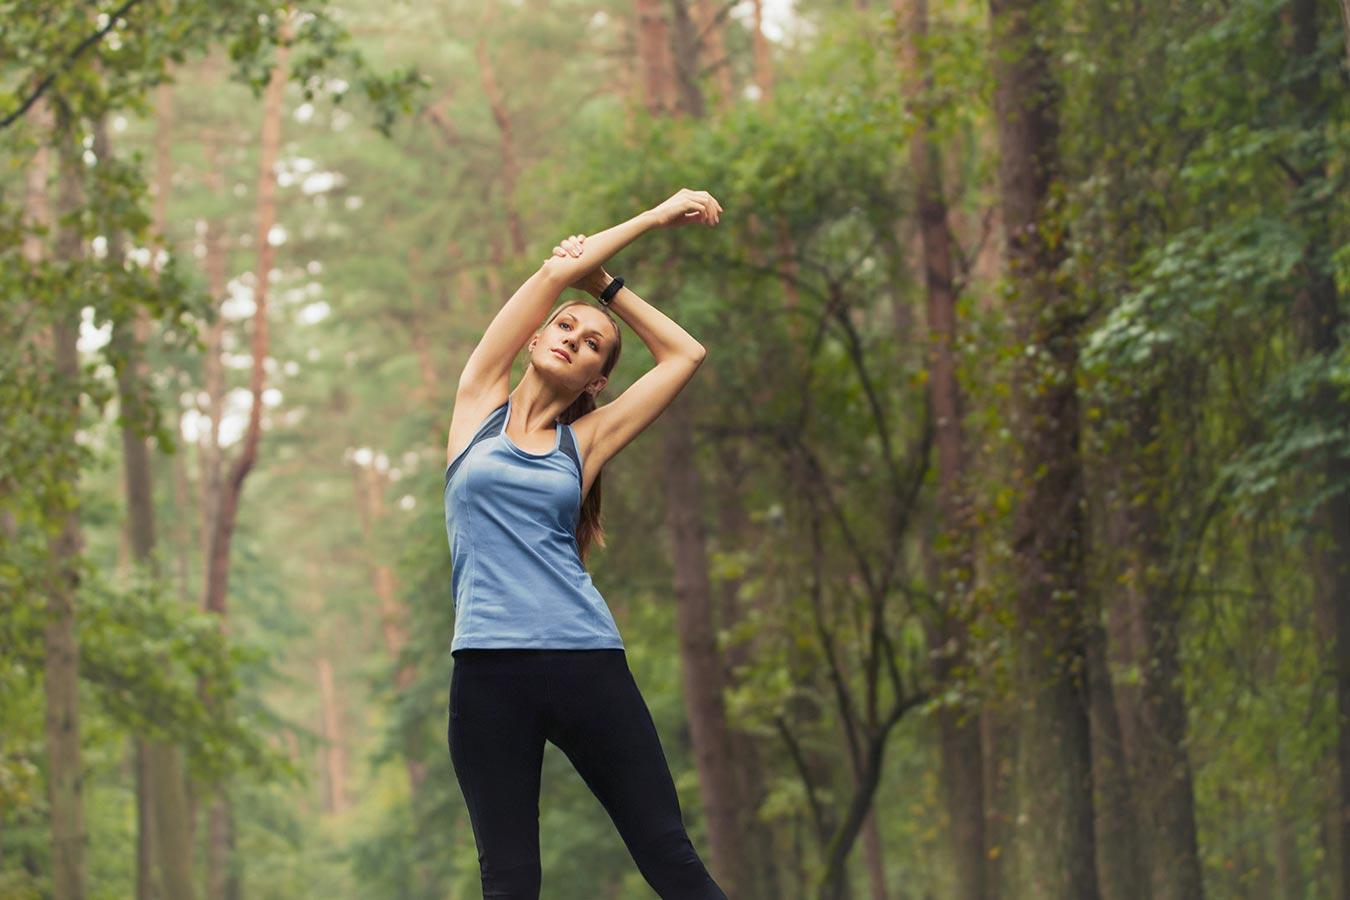 zagrijavajte-se-prije-poslije-treninga